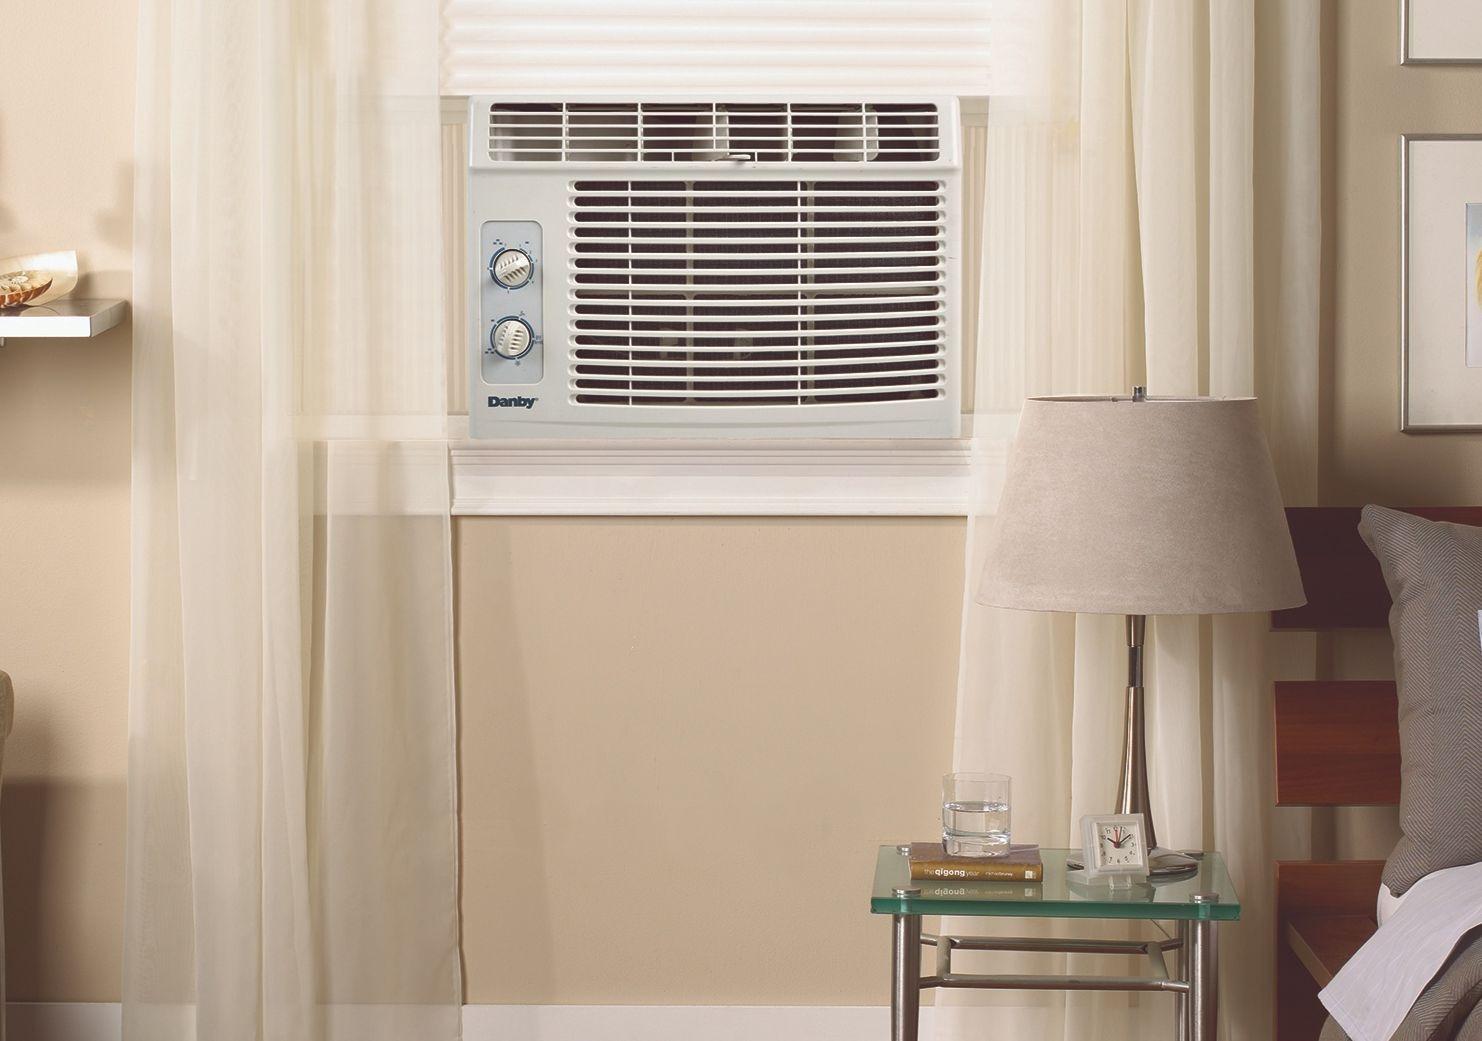 Comment installer un climatiseur